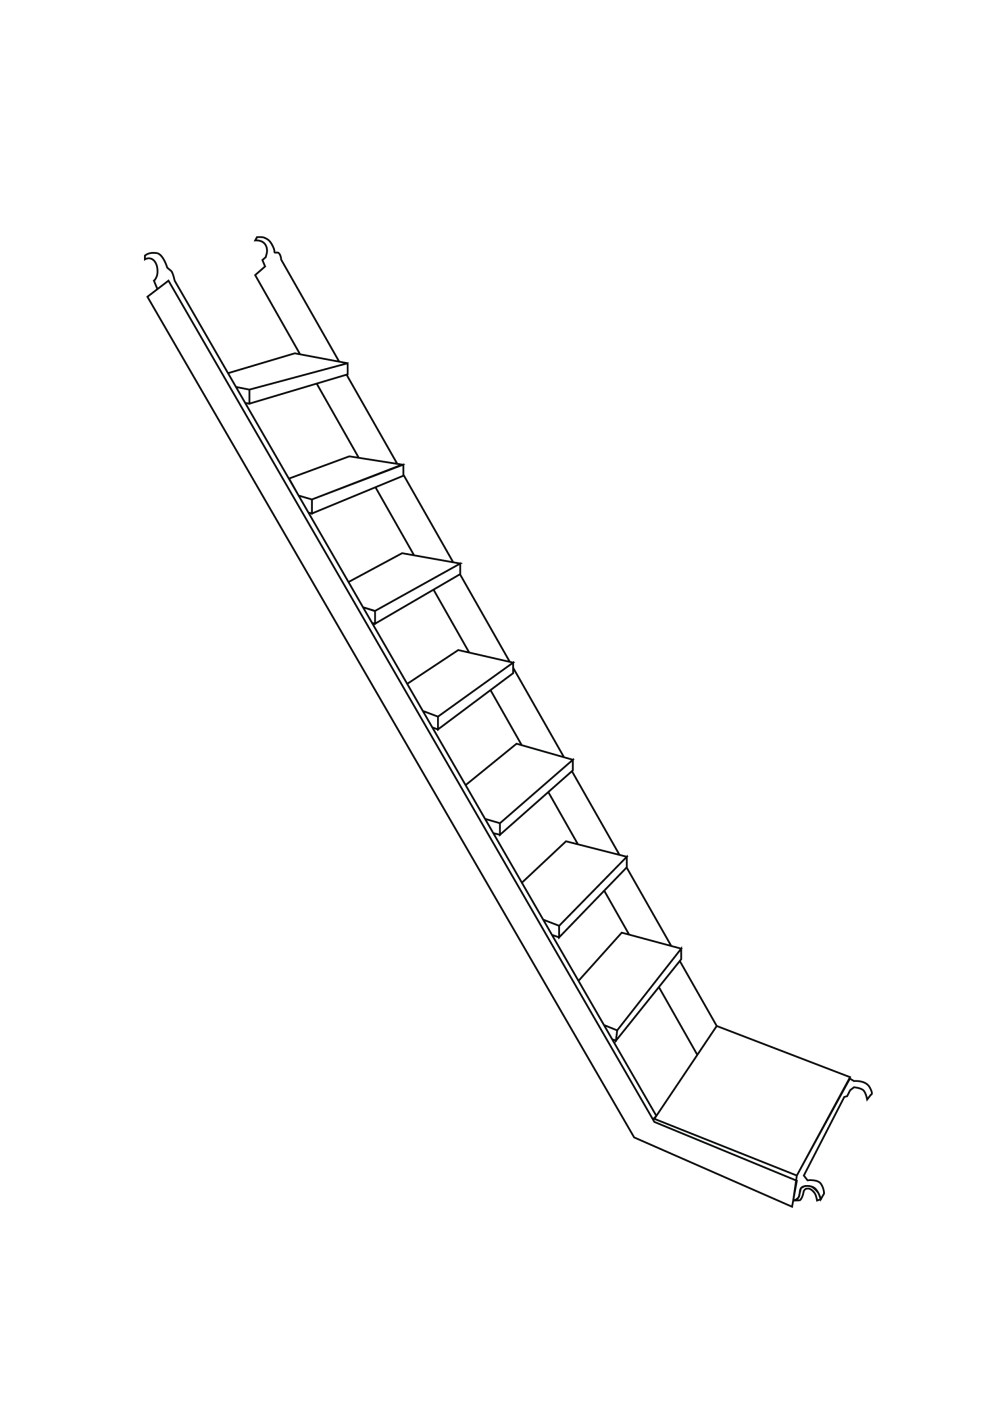 medium resolution of stairway diagram jpg